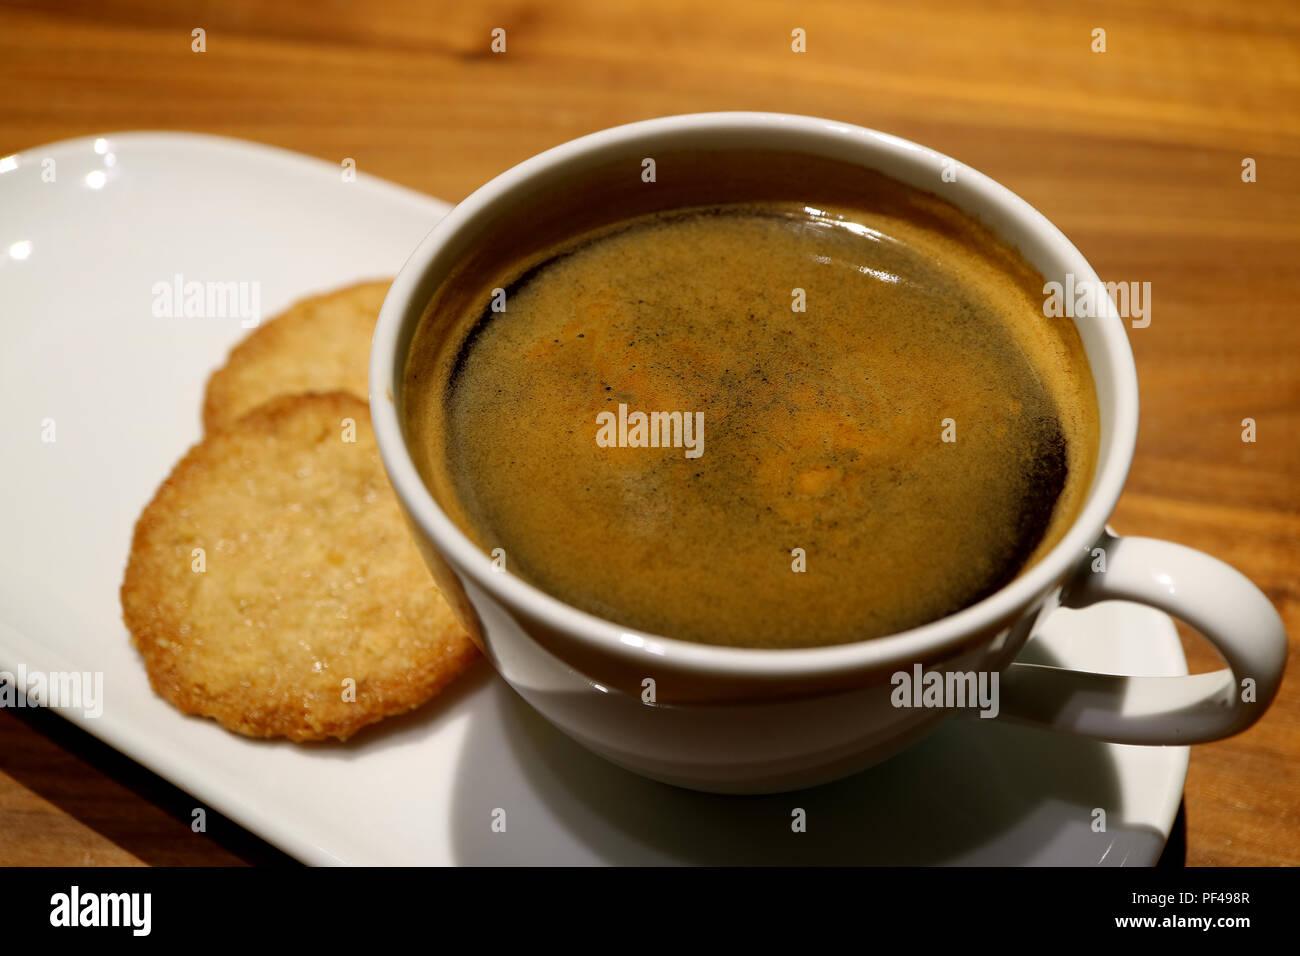 Chiuso fino a una tazza di caffè caldo servito con biscotti al burro sul tavolo di legno Immagini Stock